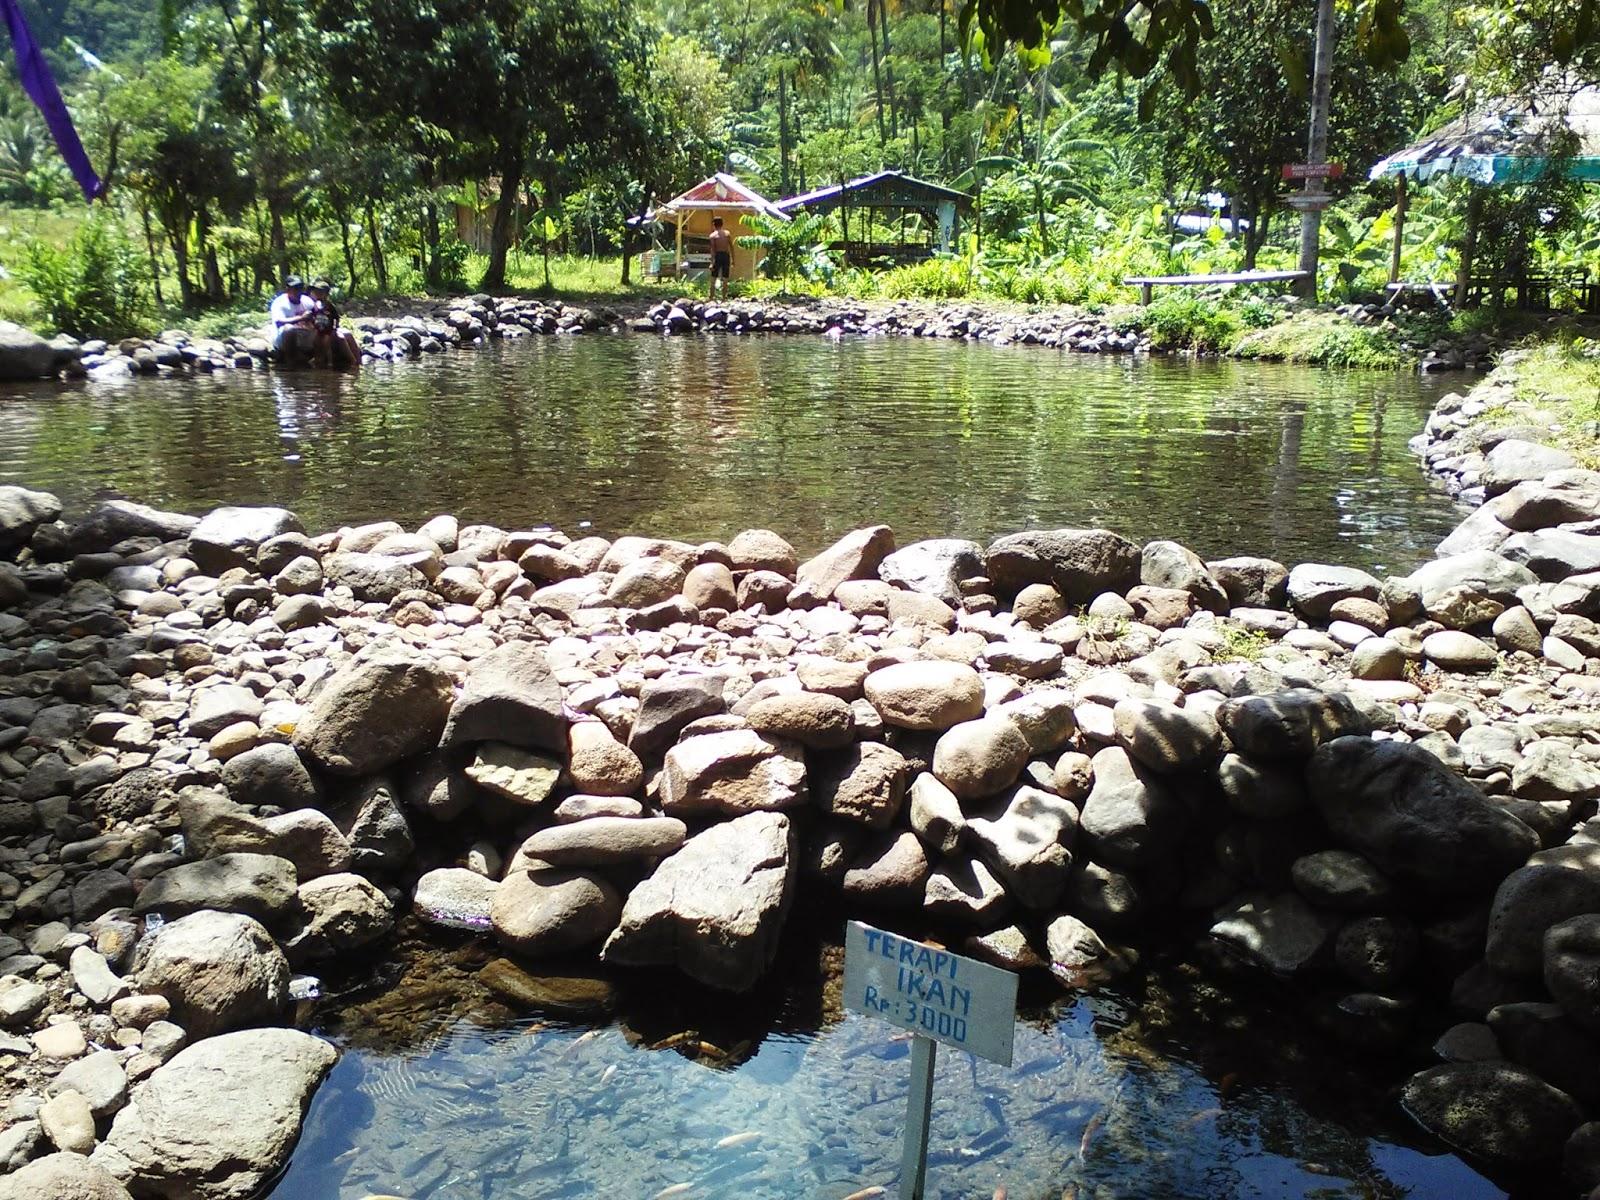 Ini 10 sumber mata air dan umbul eksotis, kunjungilah saat weekend